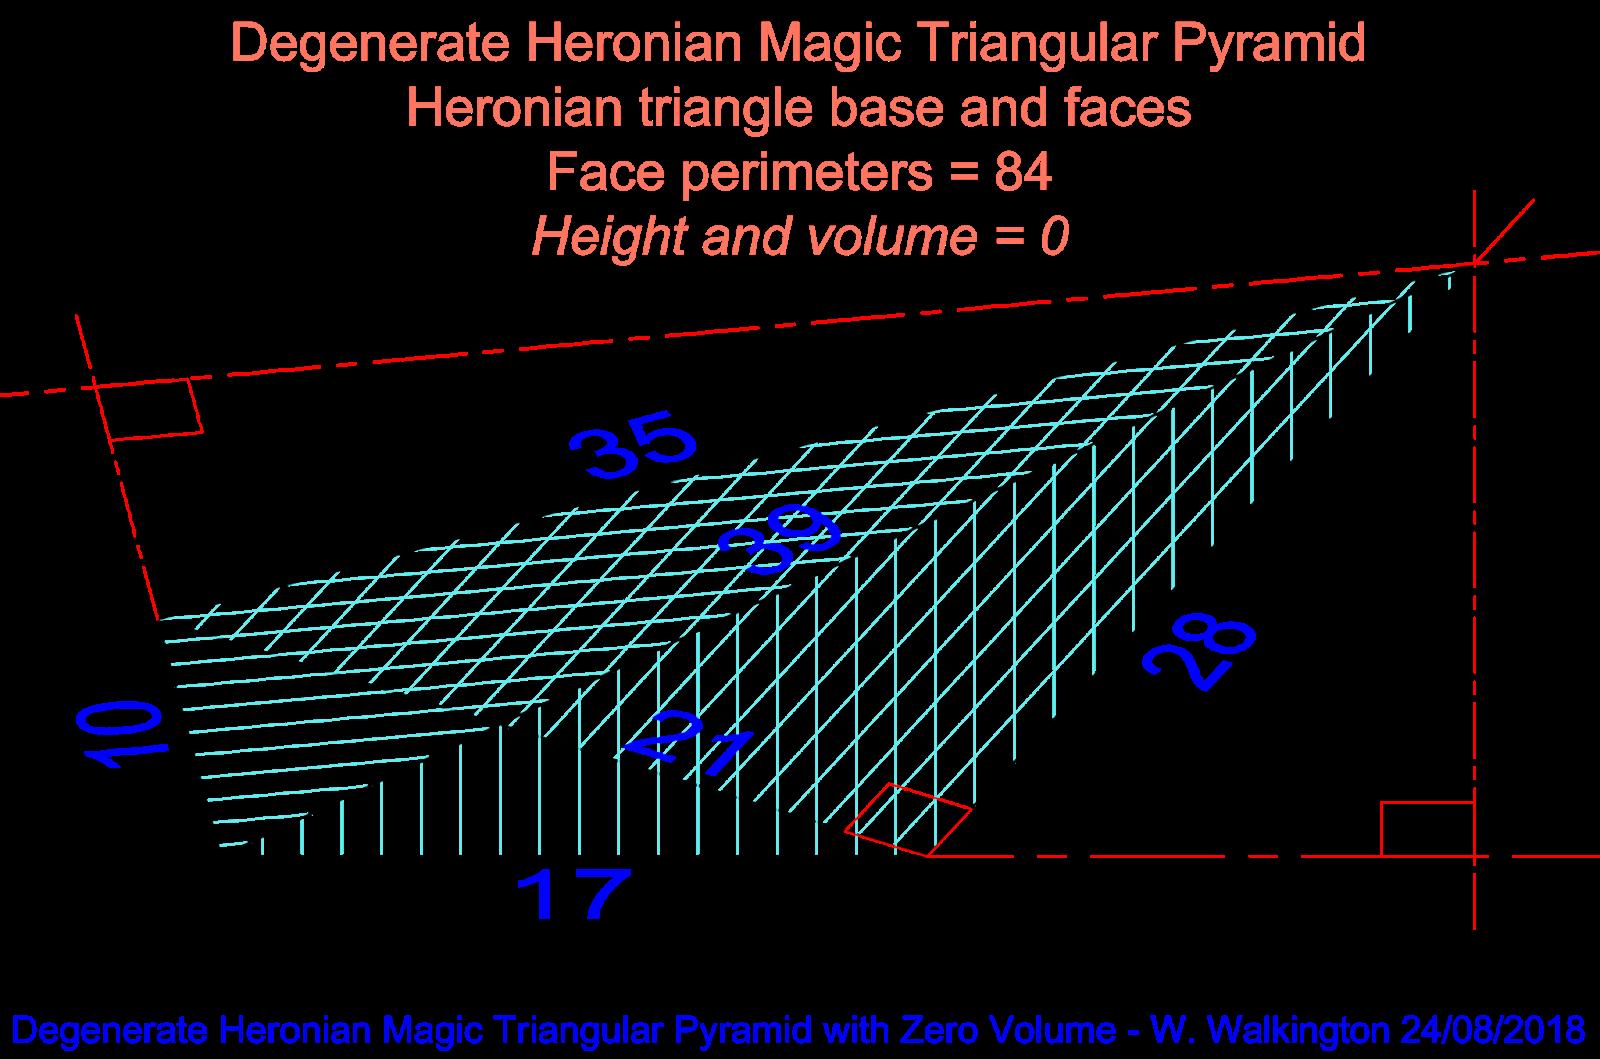 Magic Squares Spheres And Tori Magic Triangular Pyramids